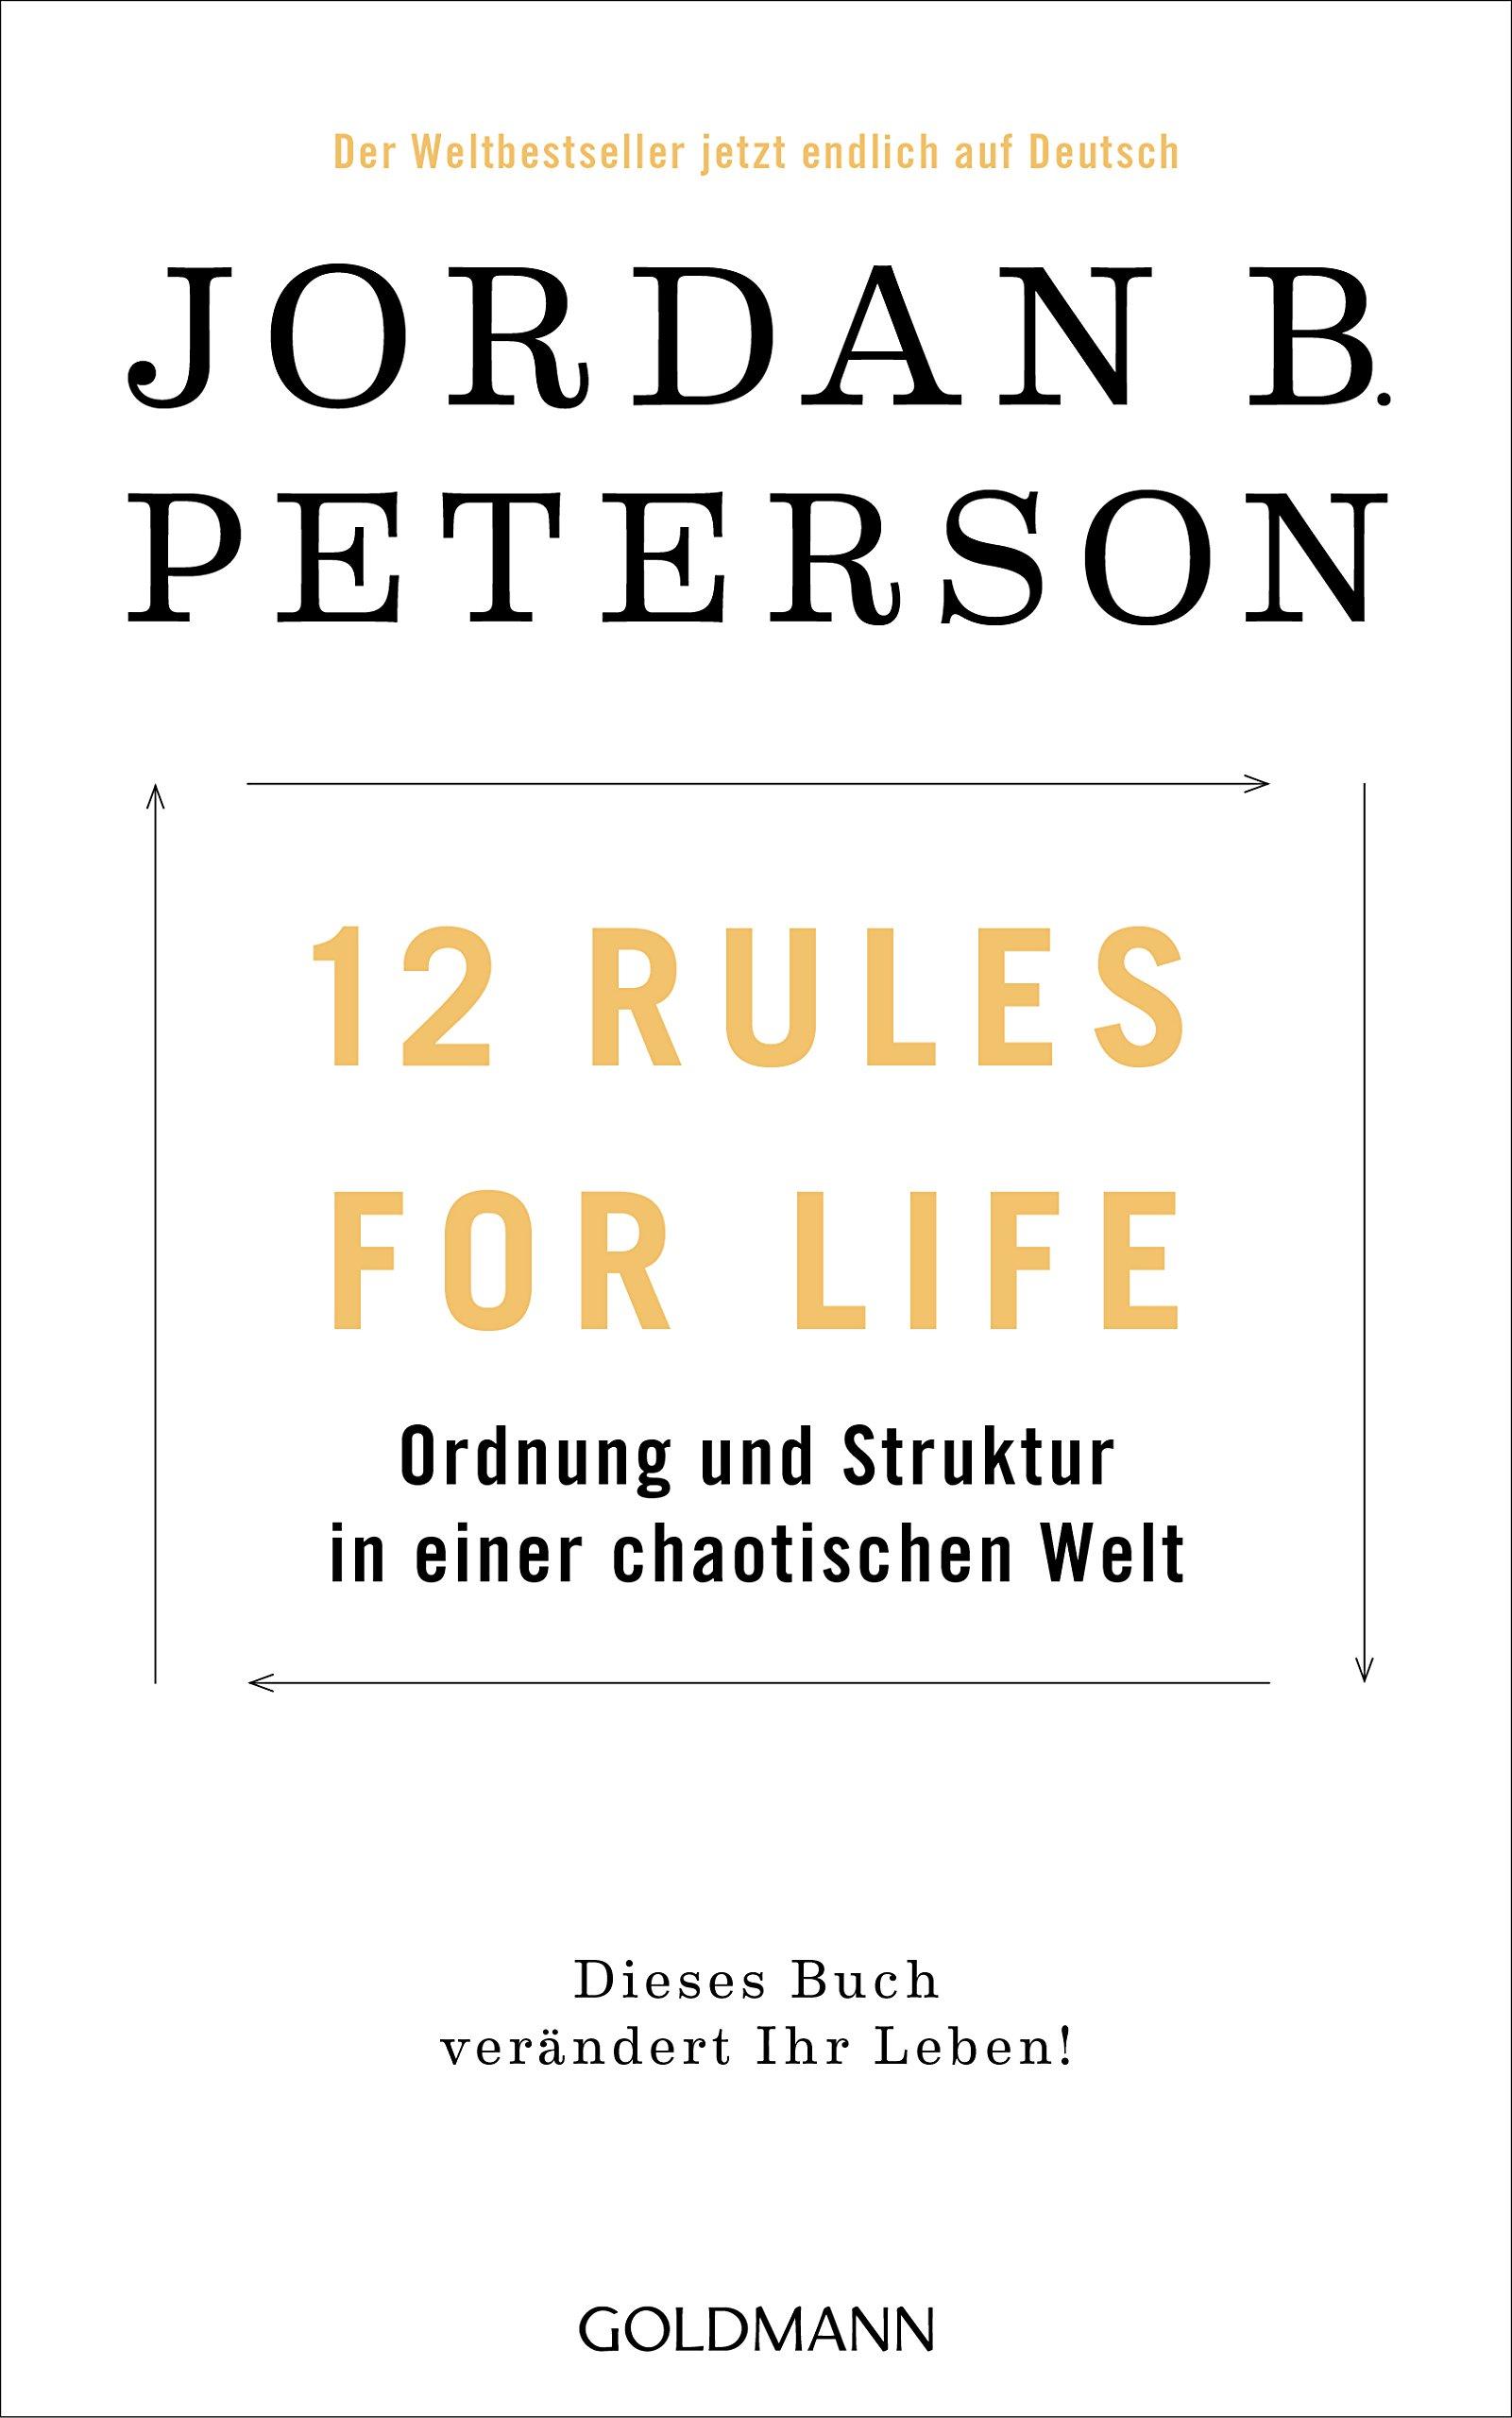 12 Rules For Life: Ordnung und Struktur in einer chaotischen Welt - Dieses Buch verändert Ihr Leben! Gebundenes Buch – 29. Oktober 2018 Jordan B. Peterson Marcus Ingendaay Michael Müller Goldmann Verlag